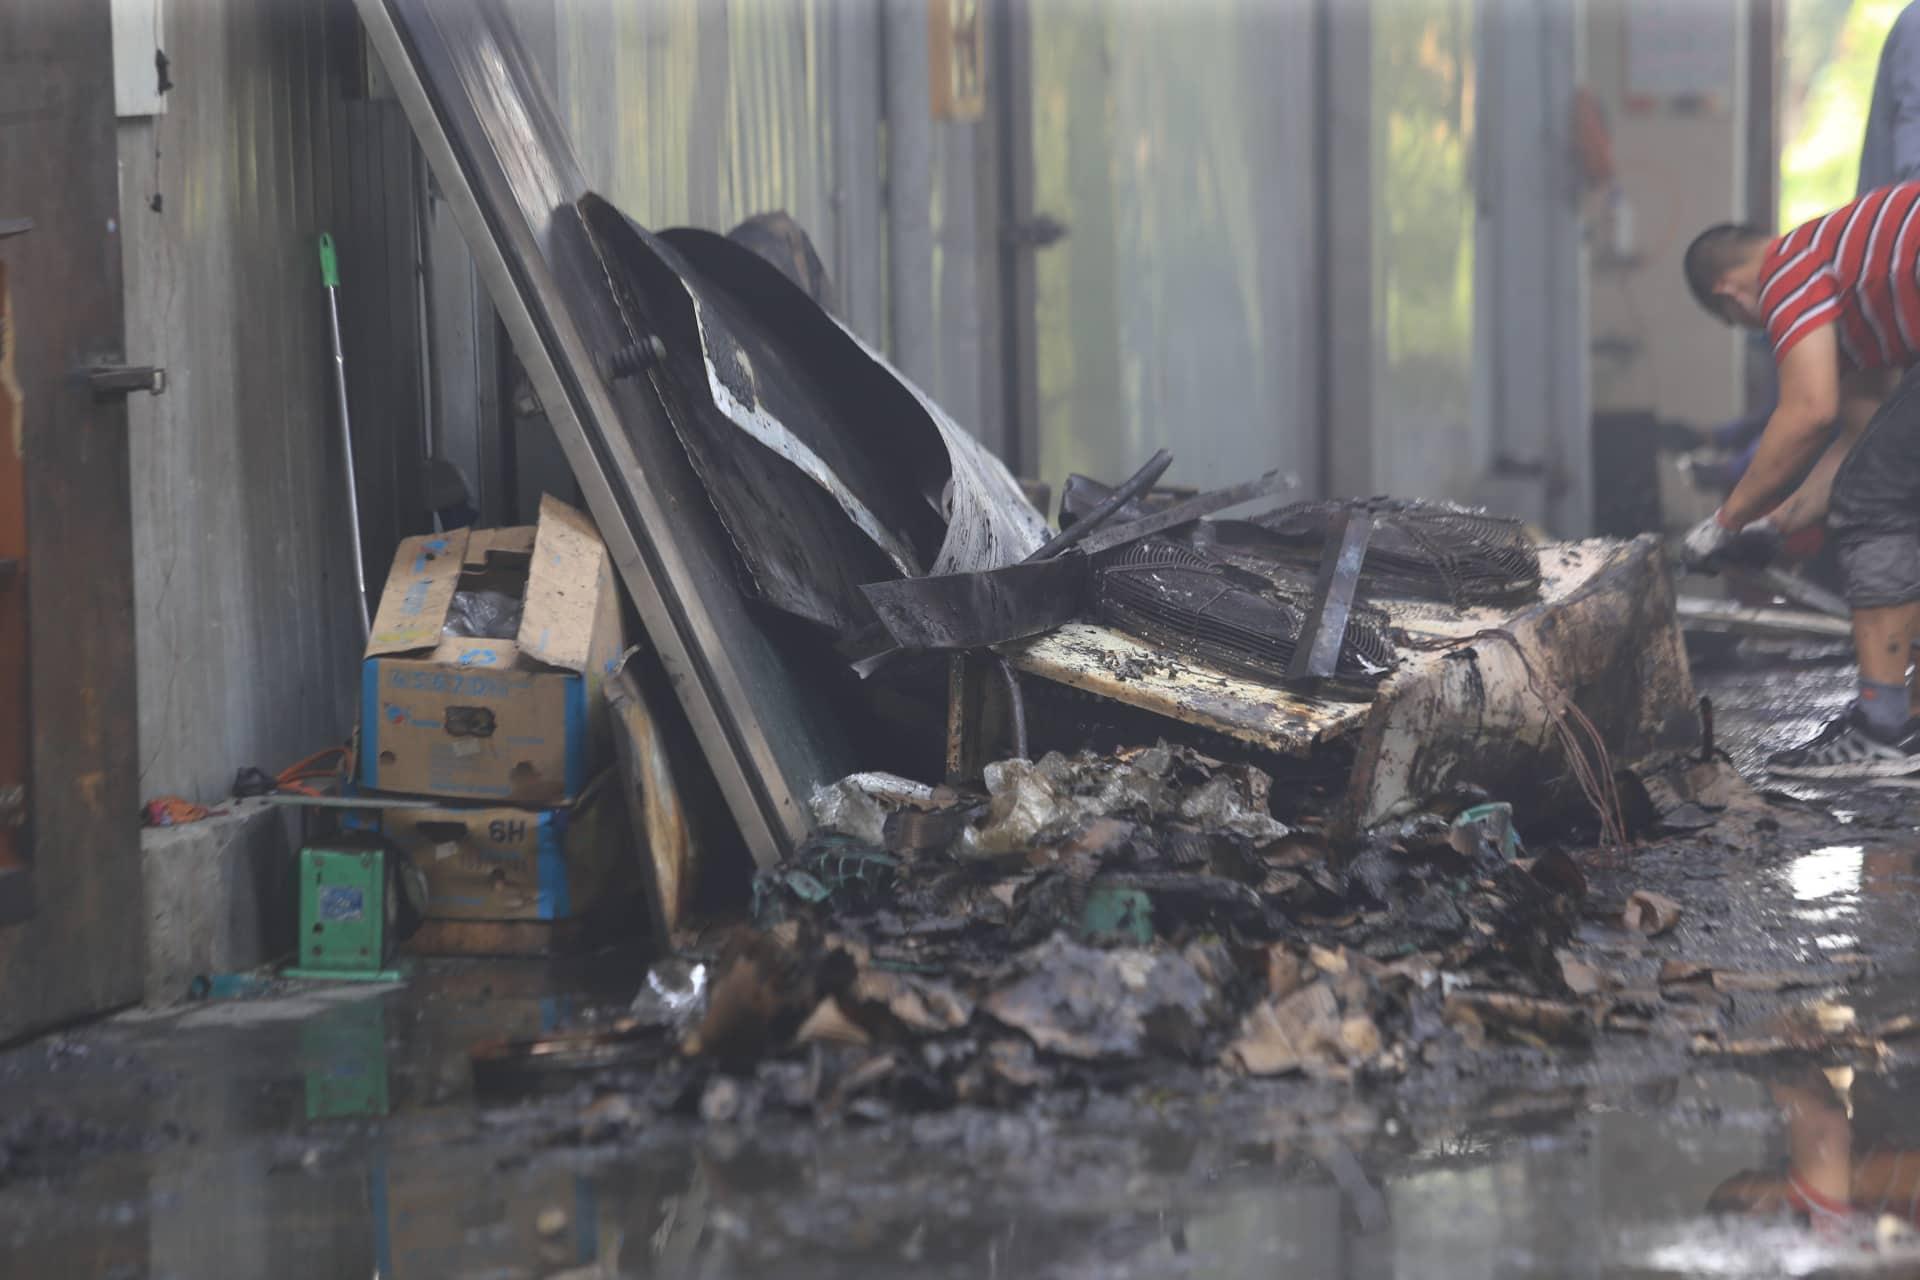 Vụ cháy xưởng ở Hà Nội: Xót xa 3 mẹ con đi khám bệnh chết cháy cùng bố - Ảnh 2